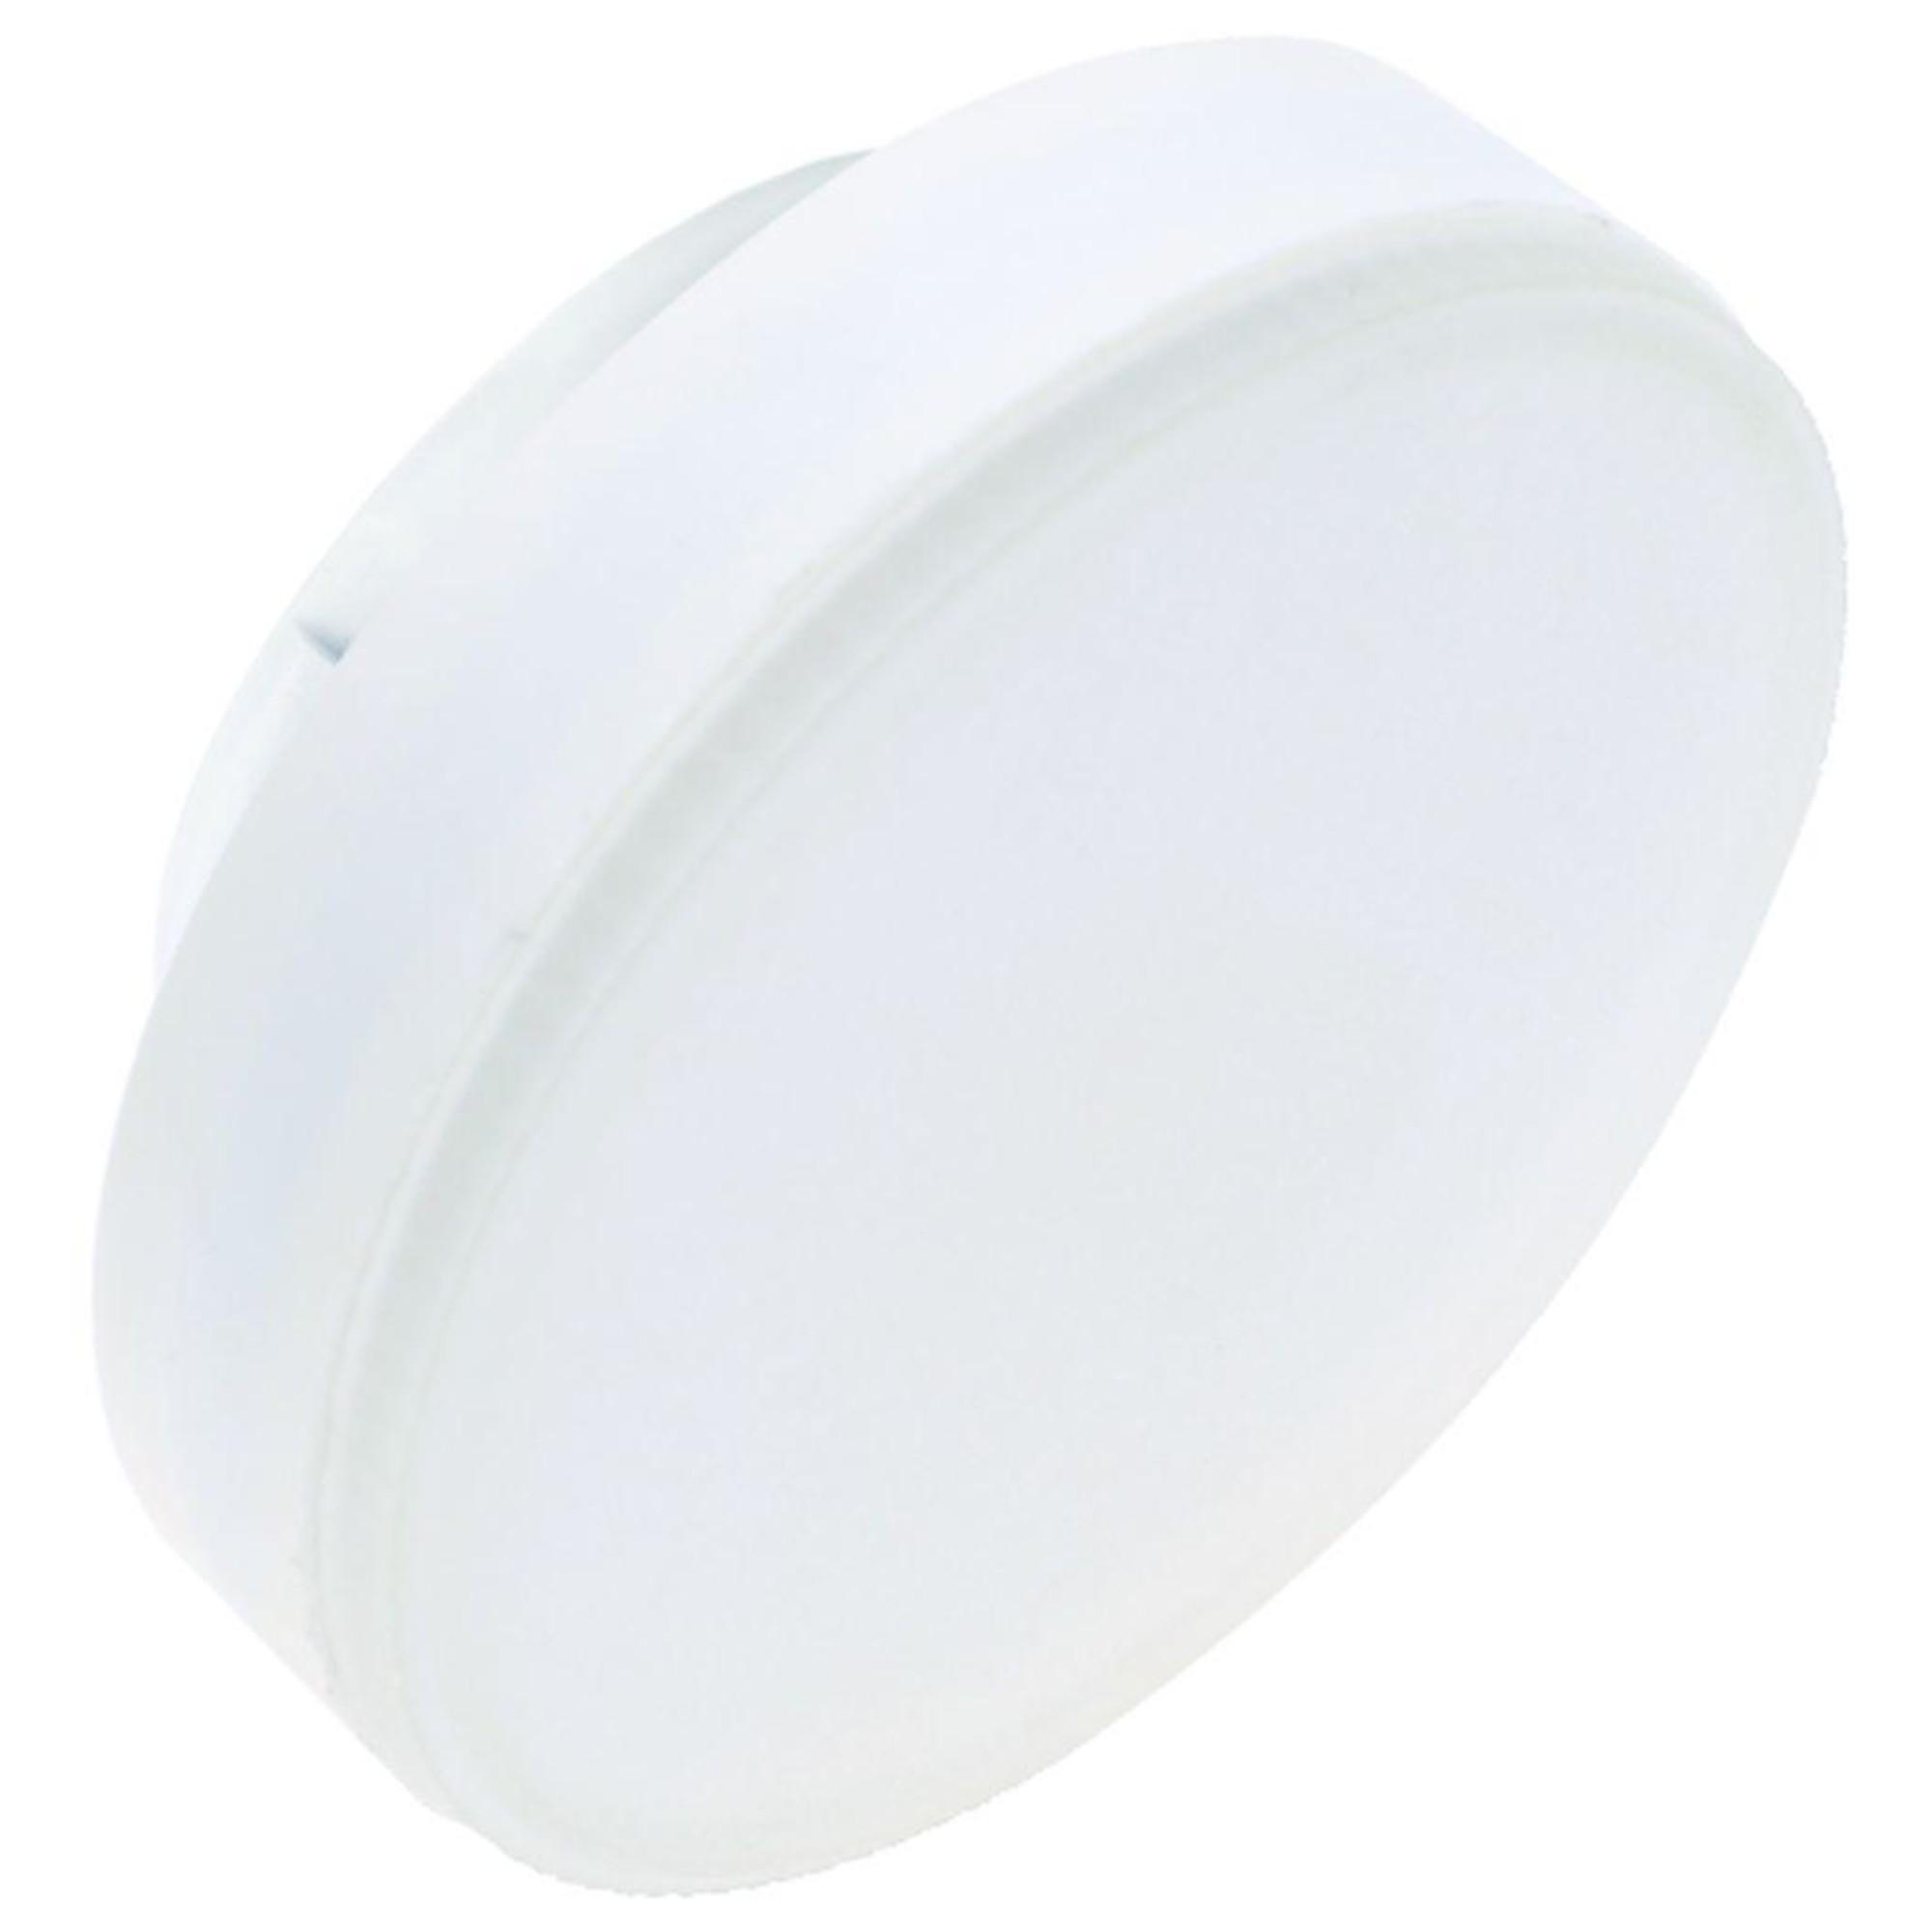 Лампа Ecola light светодионая GX53 4.20 Вт таблетка 290 Лм холодный свет